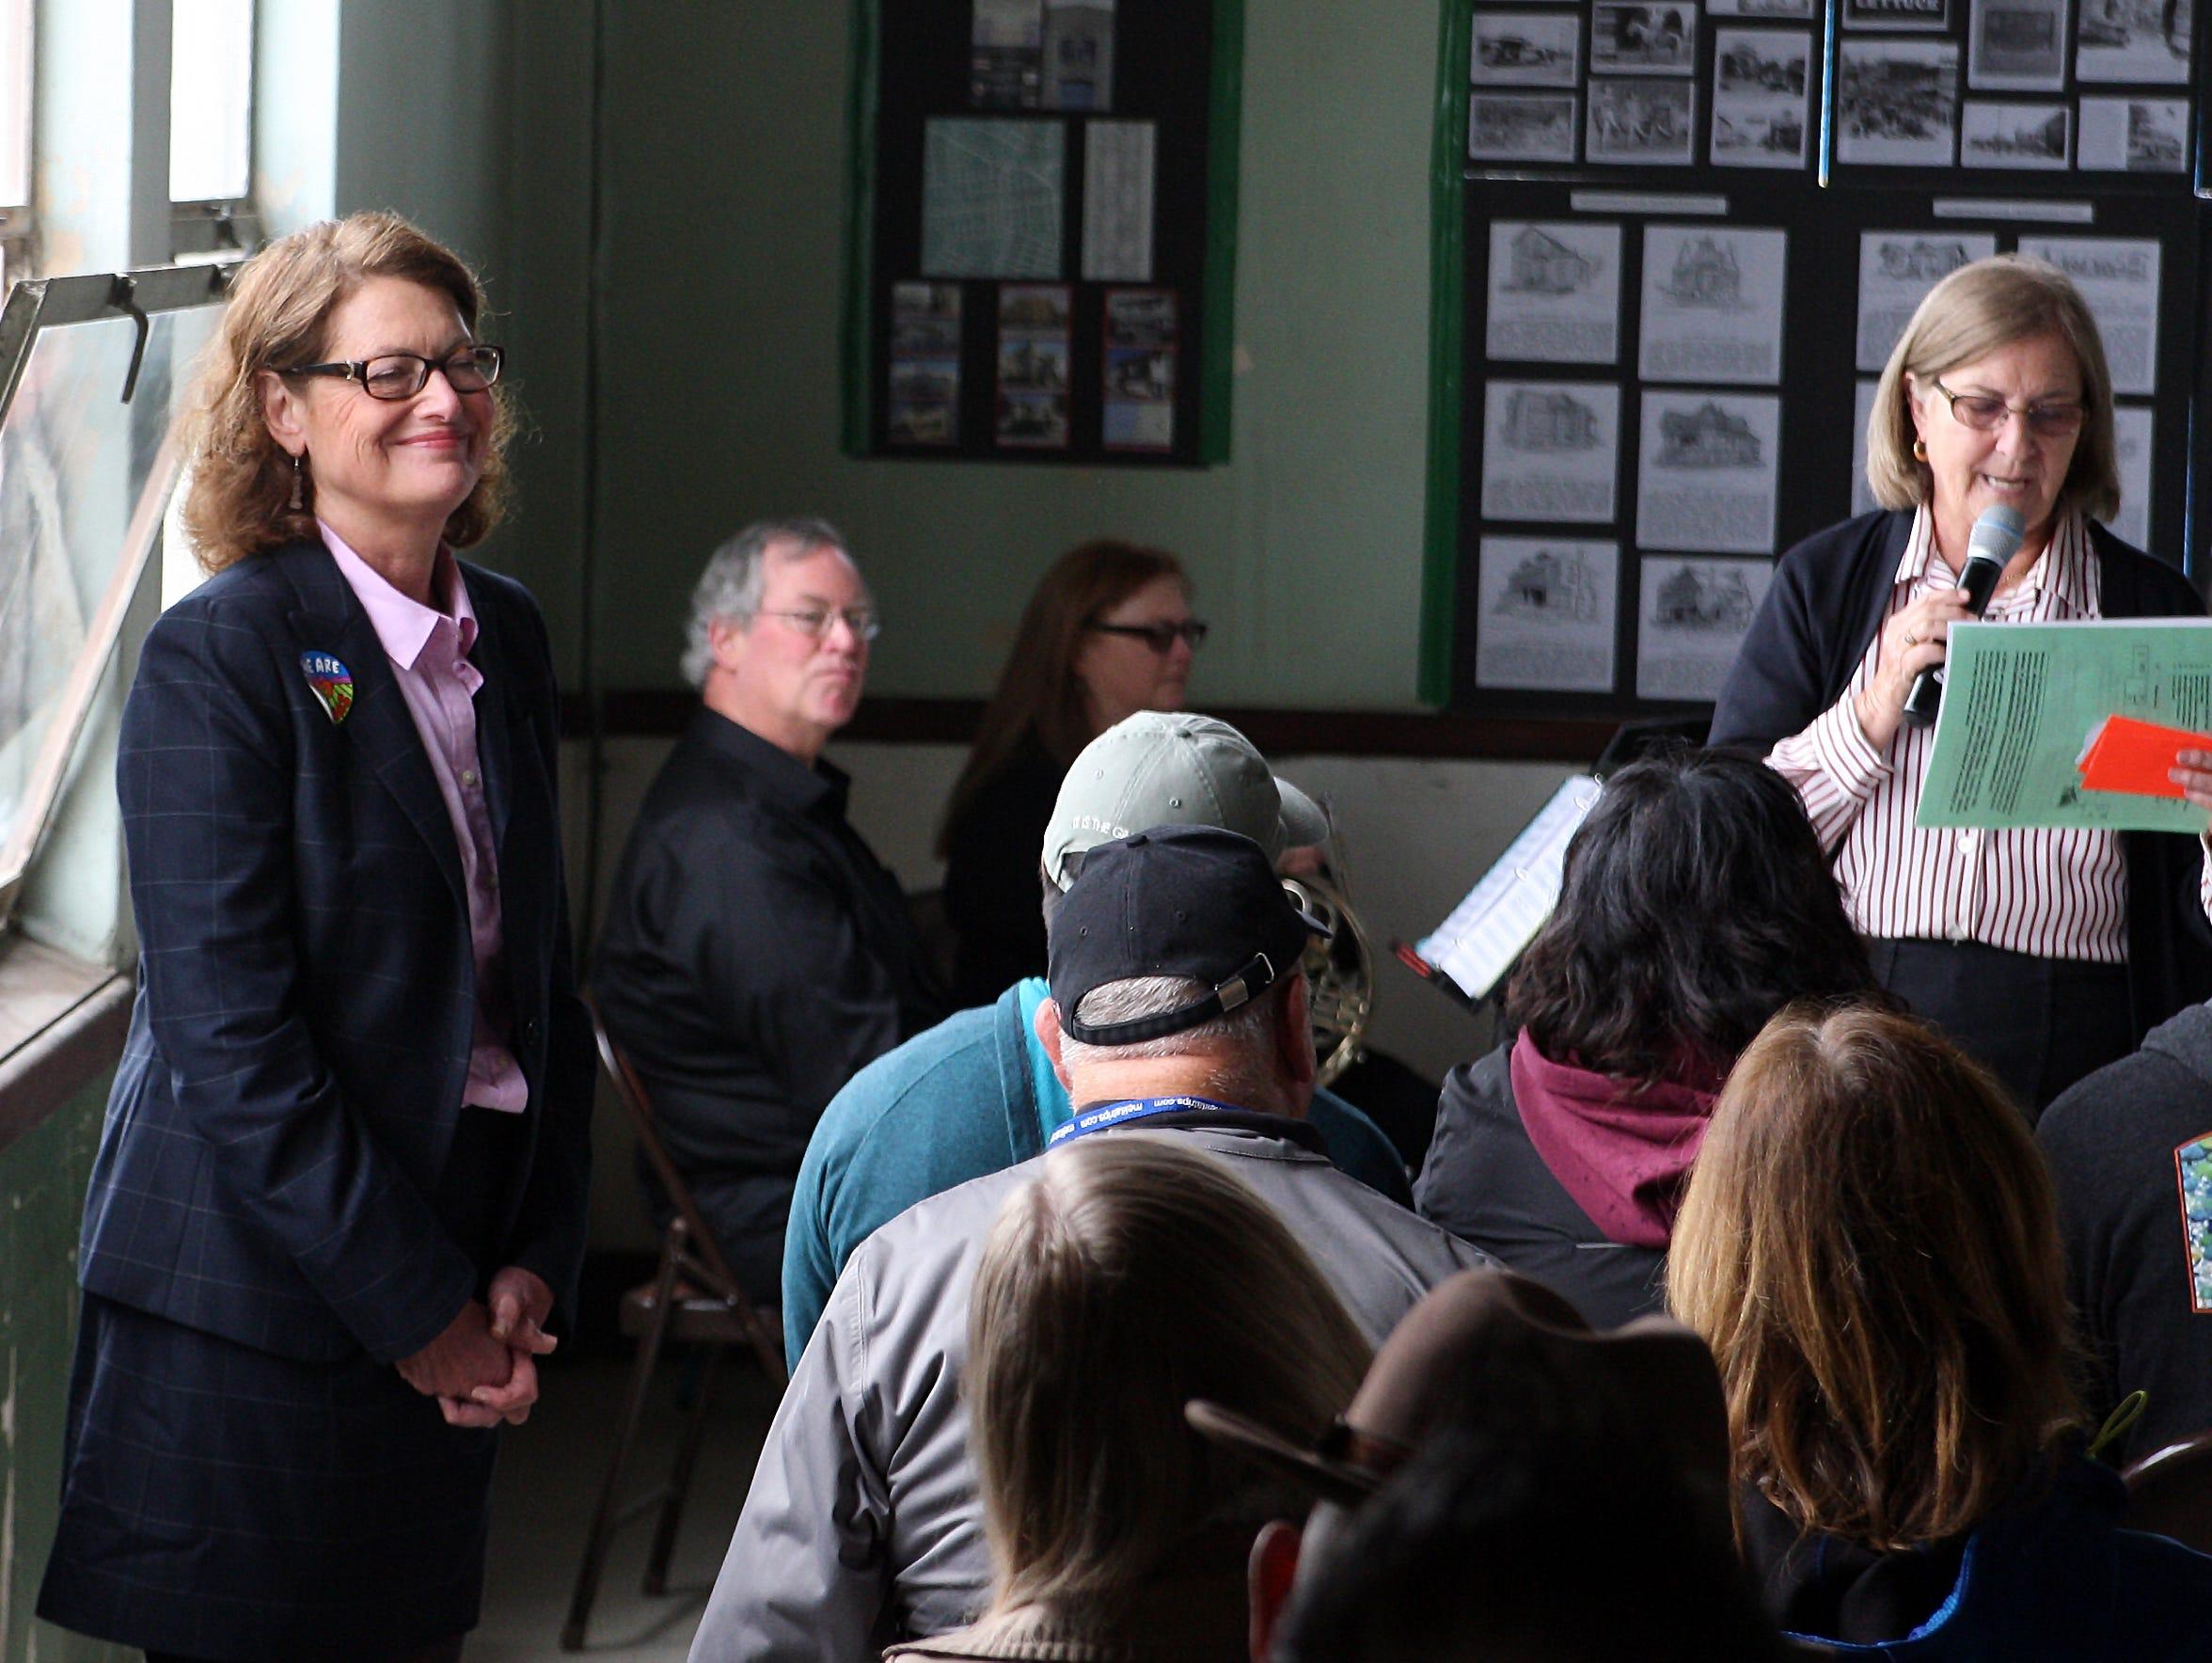 Dr. Carol McKibben spoke about her Salinas History